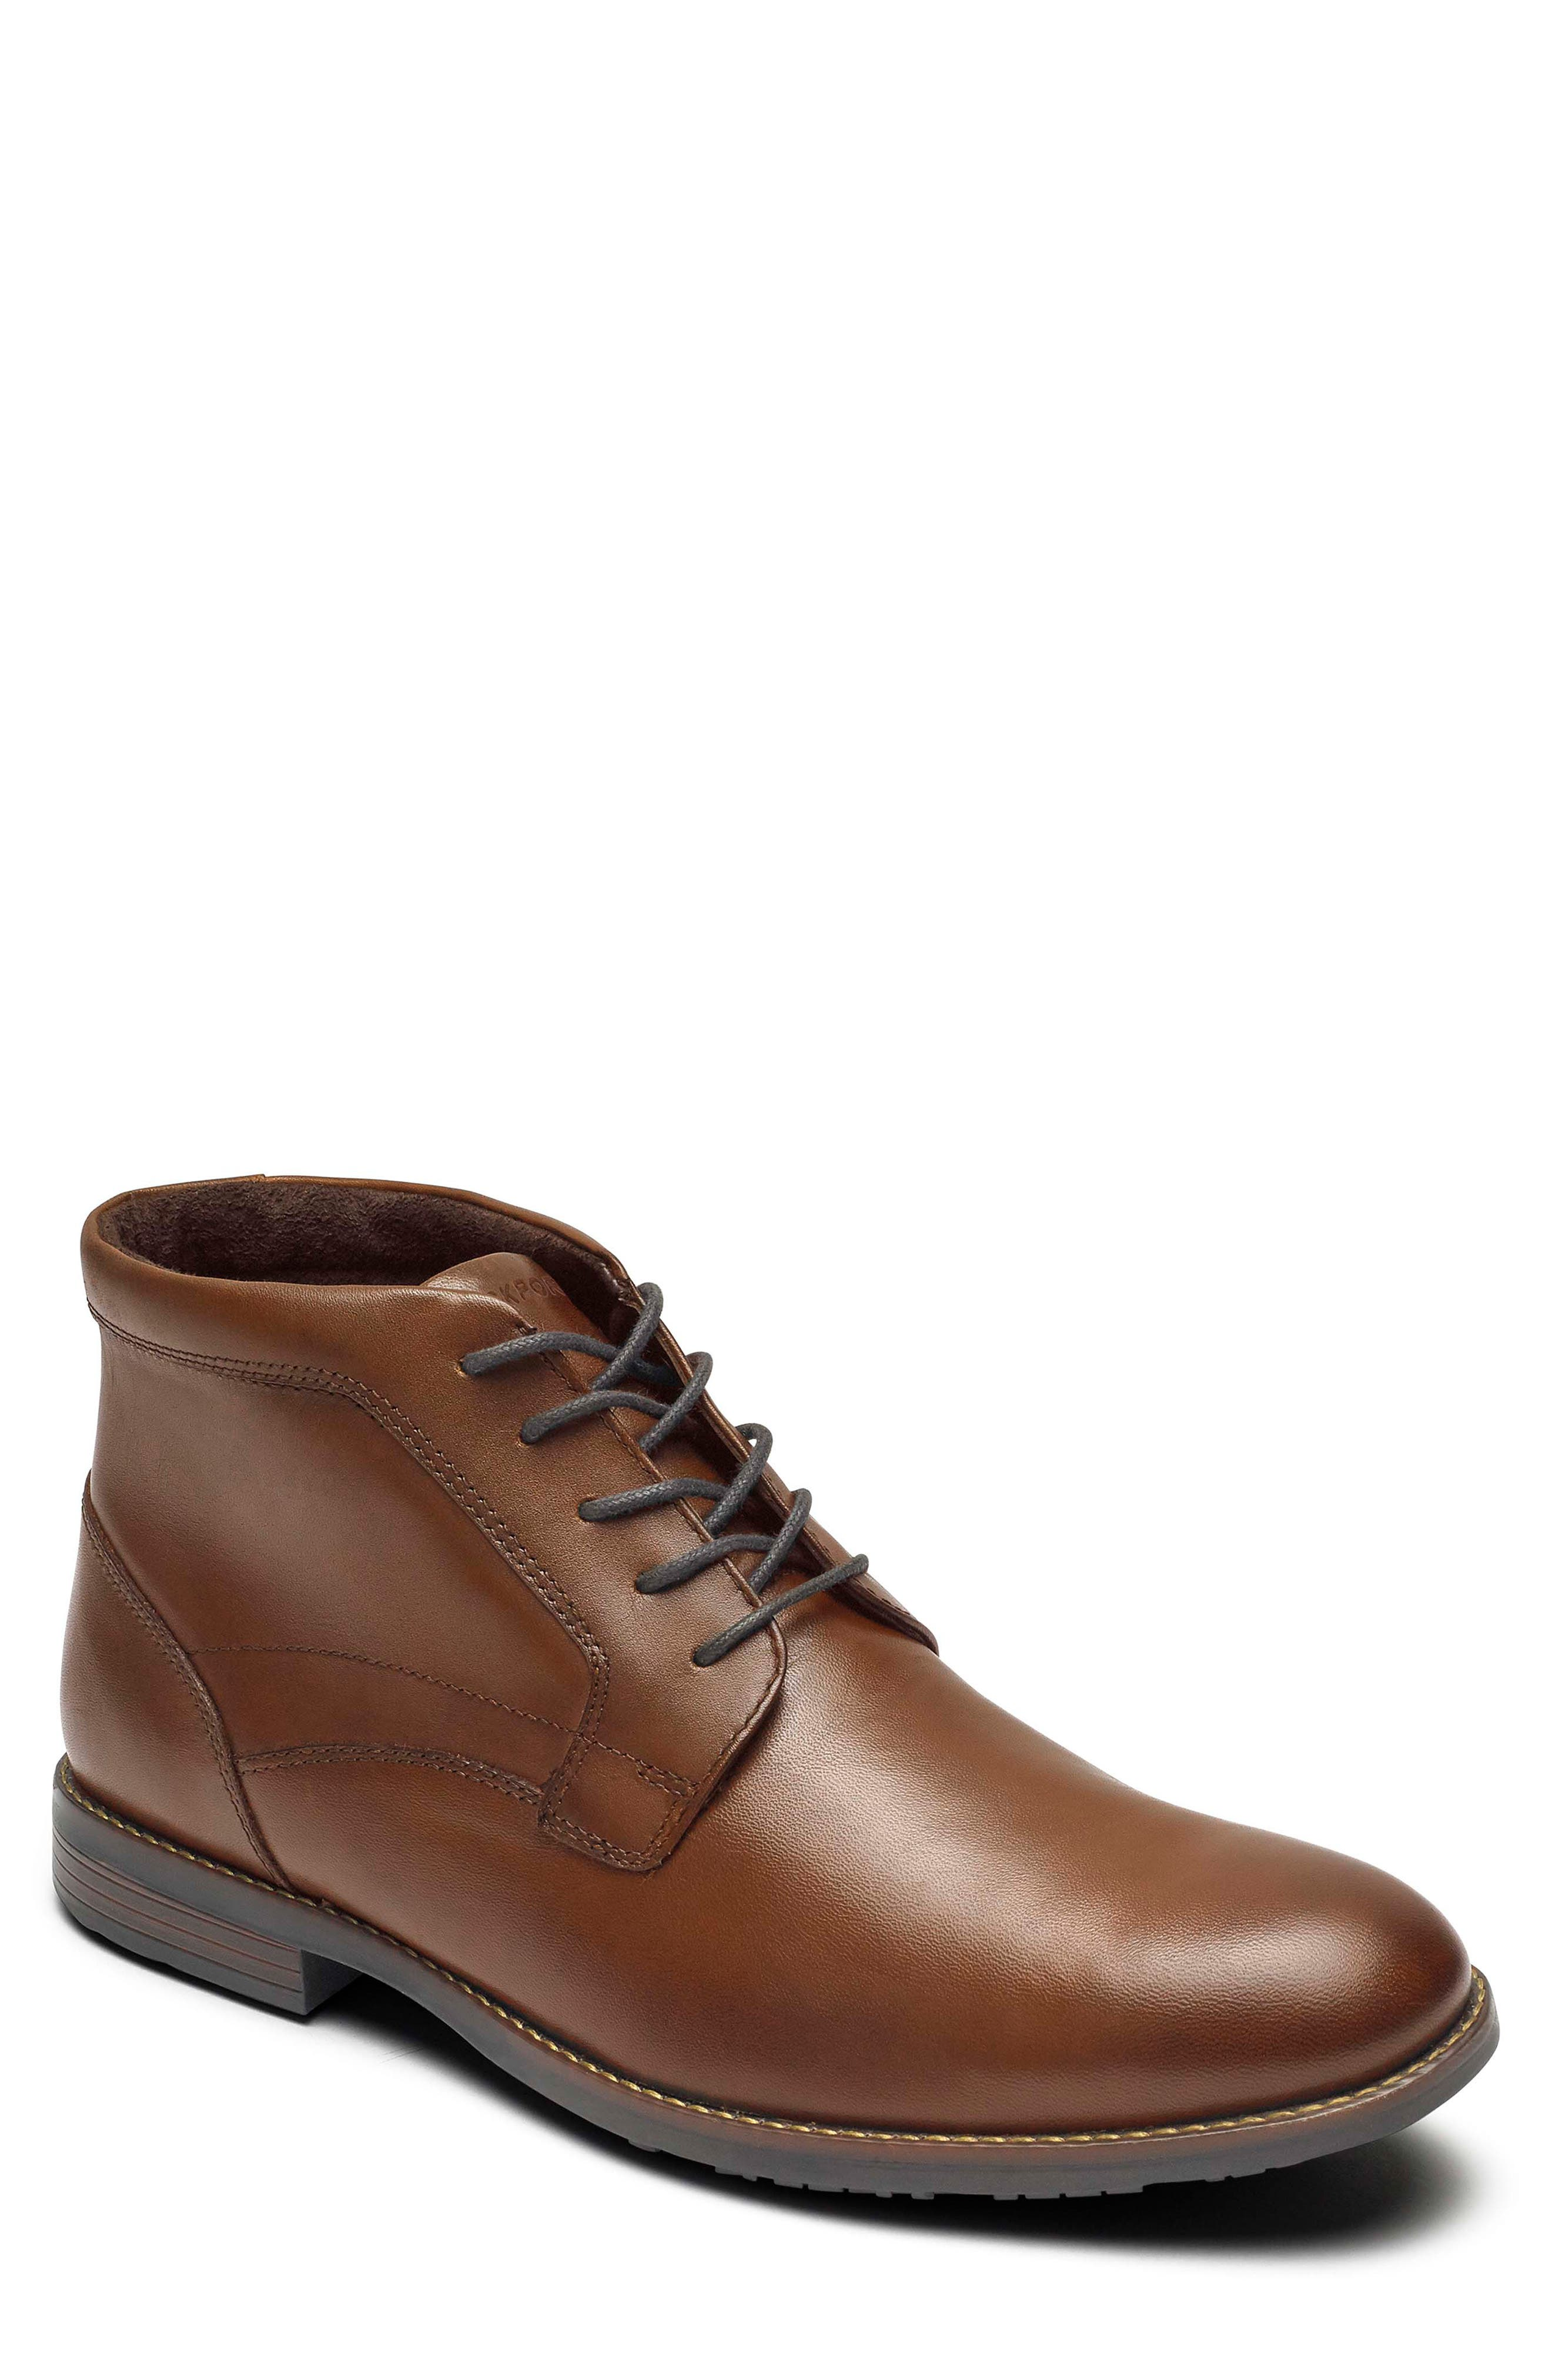 Rockport Dustyn Waterproof Chukka Boot, Brown